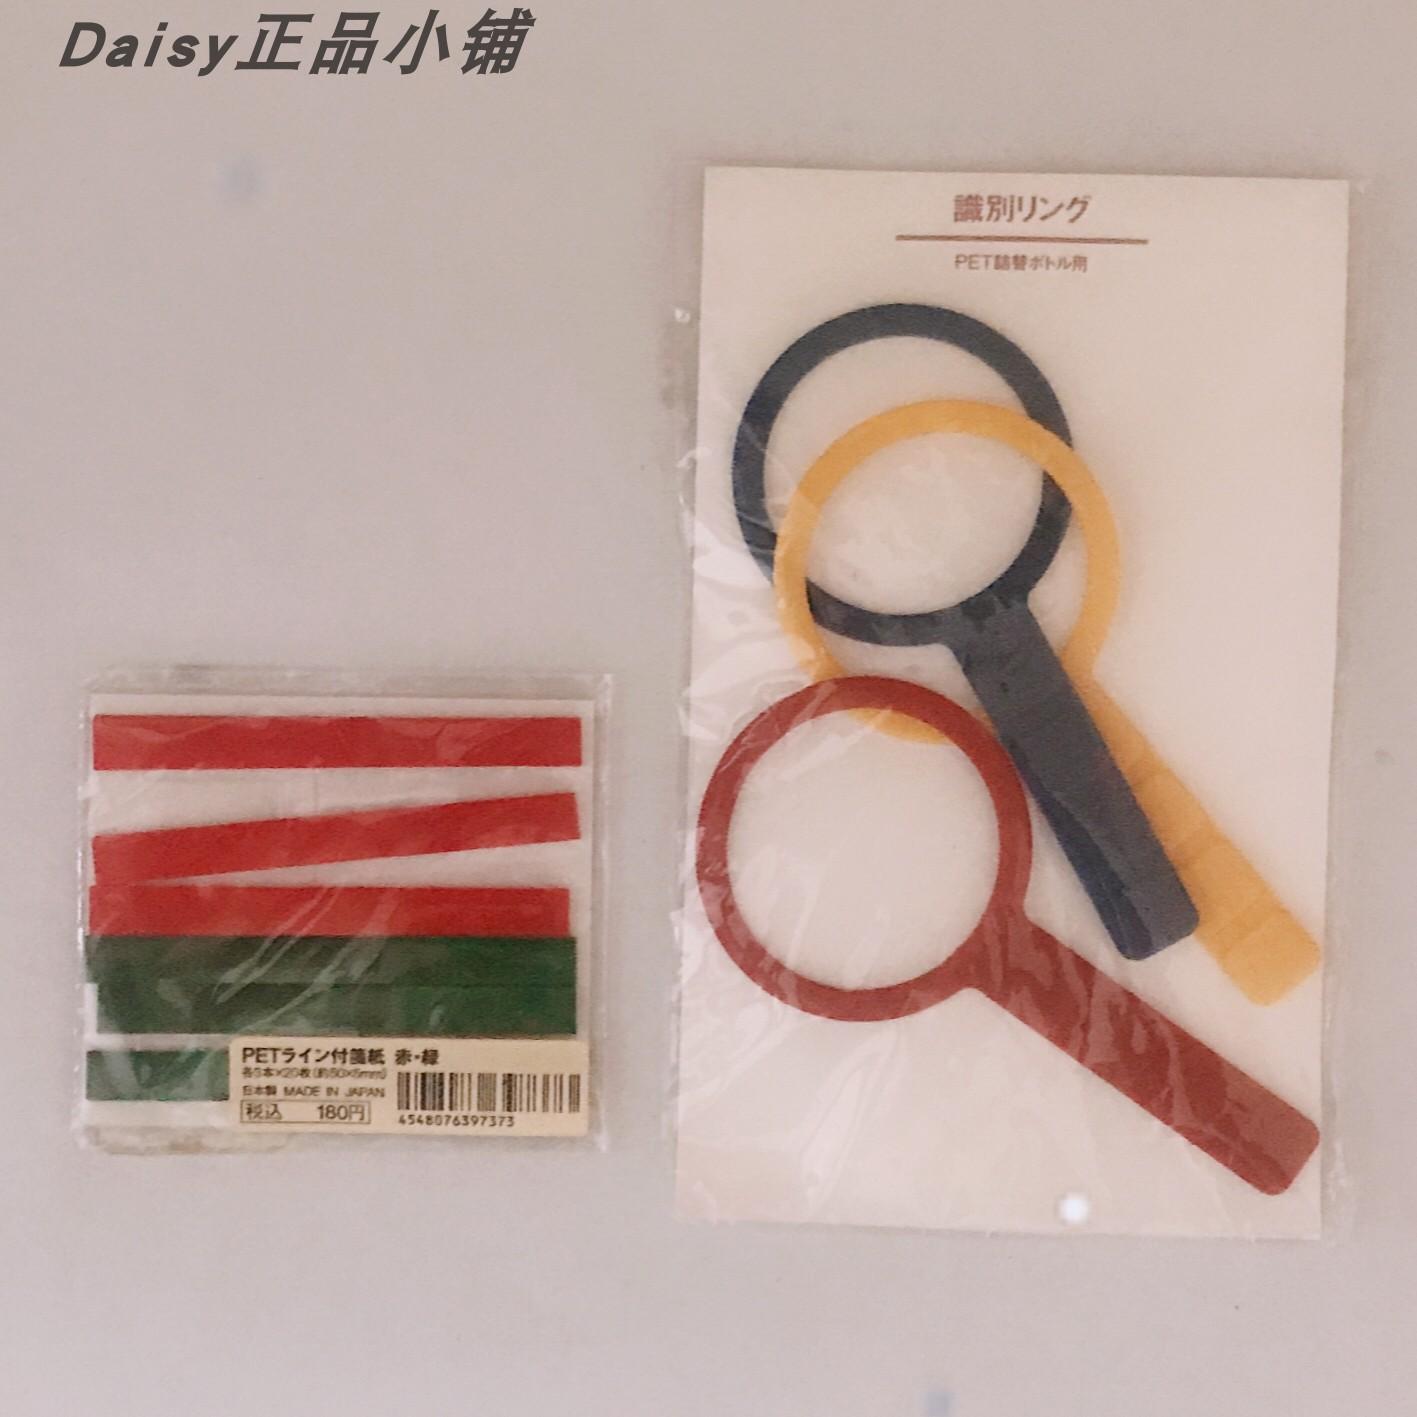 良品計画MUJI日本輸入PETの瓶詰め替え用識別マークに付箋シールを貼っています。